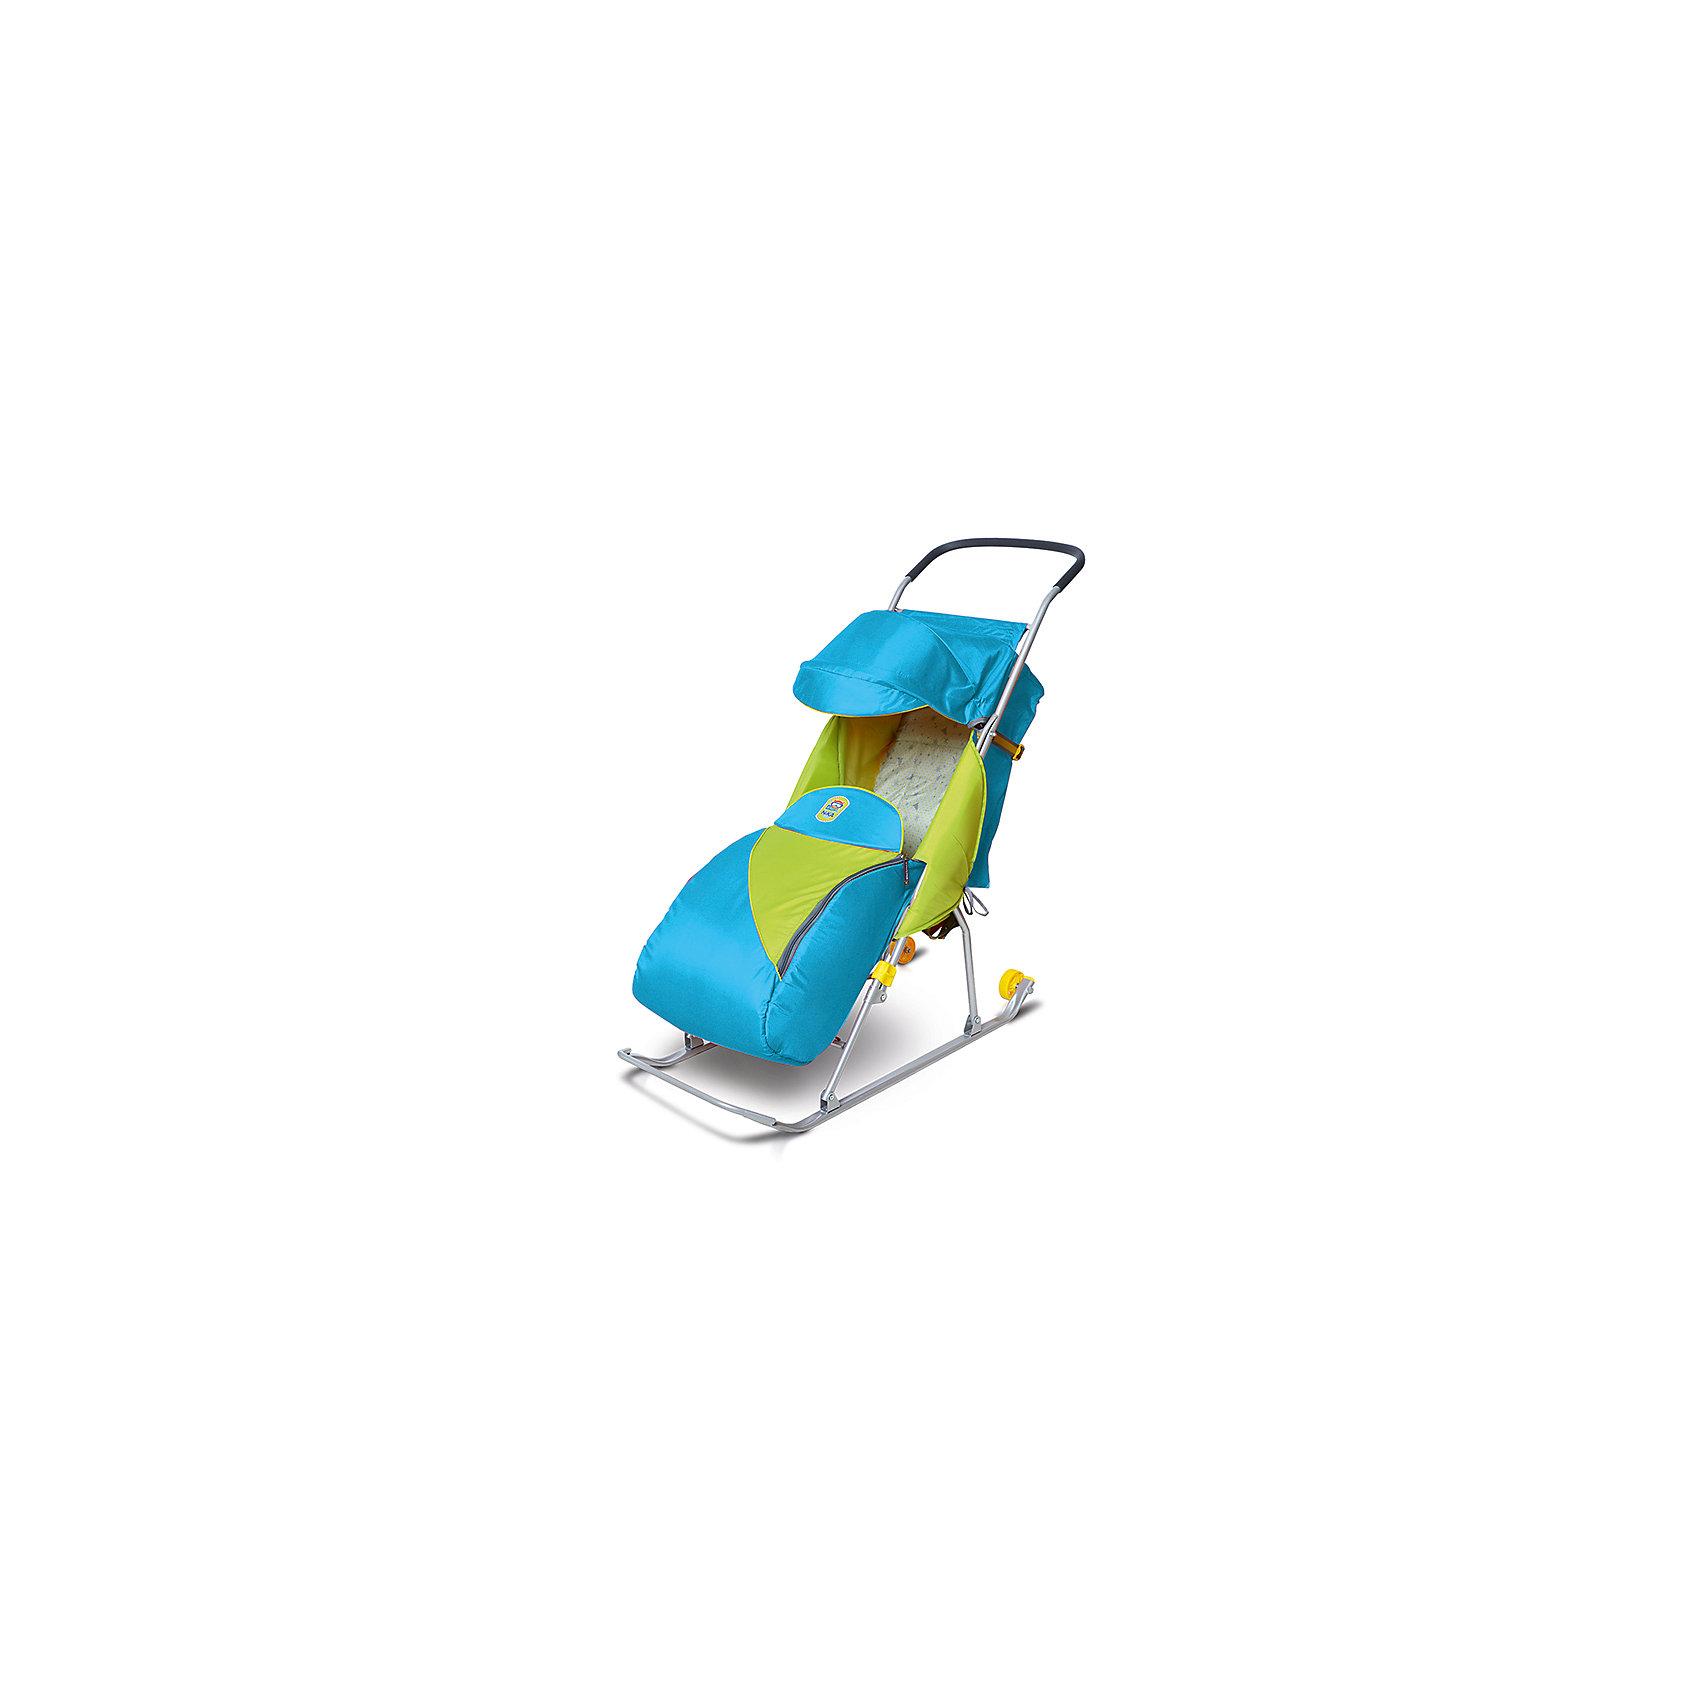 Санки-коляска Тимка 2 Комфорт, бирюзовый (Ника)